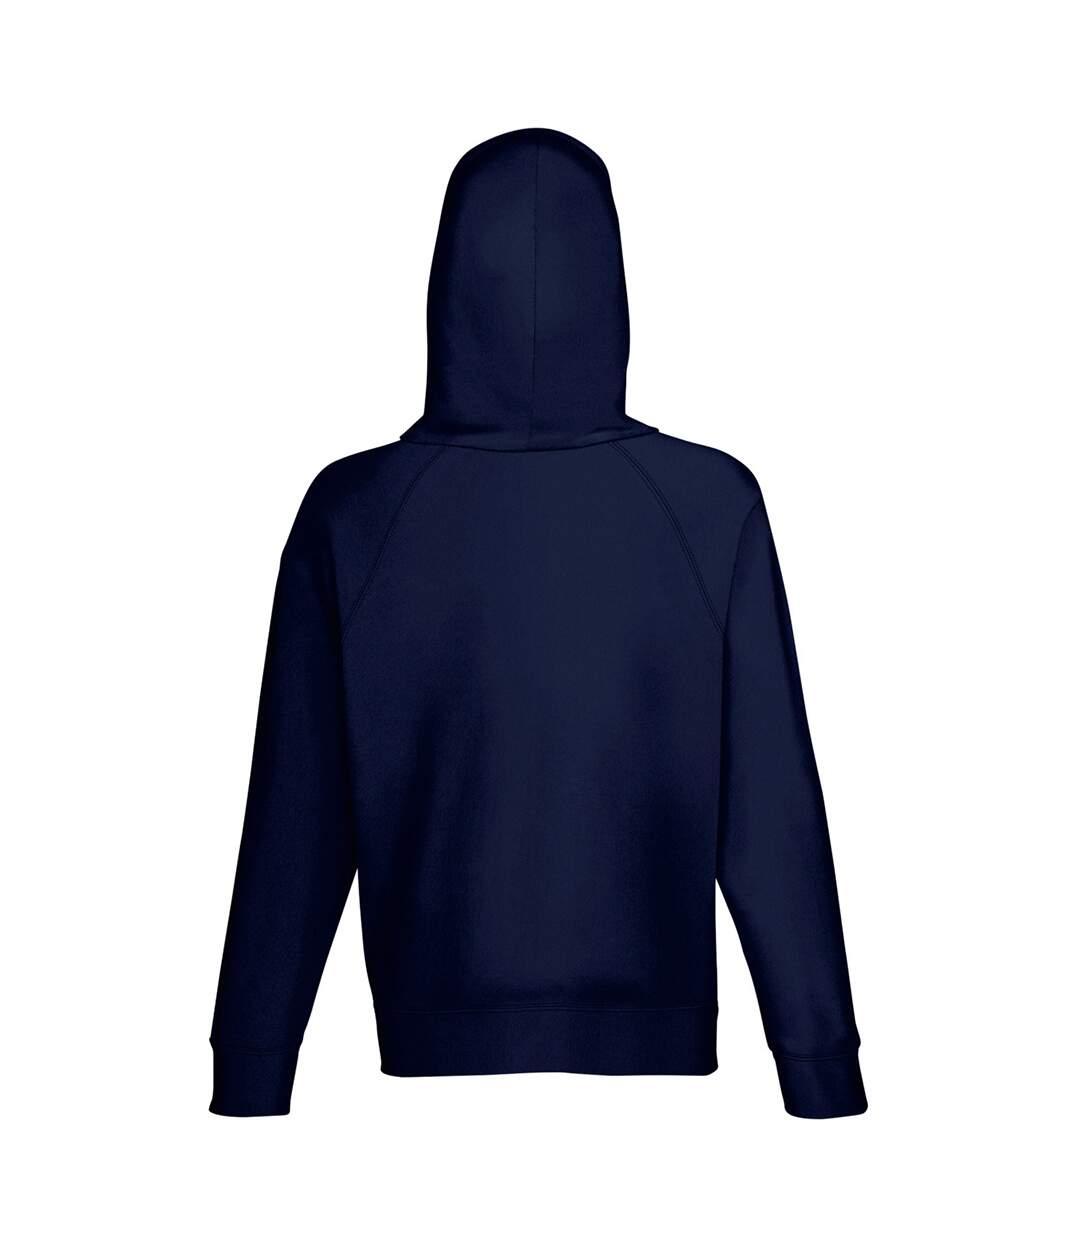 Fruit Of The Loom Mens Lightweight Hooded Sweatshirt / Hoodie (240 GSM) (Deep Navy) - UTBC2654